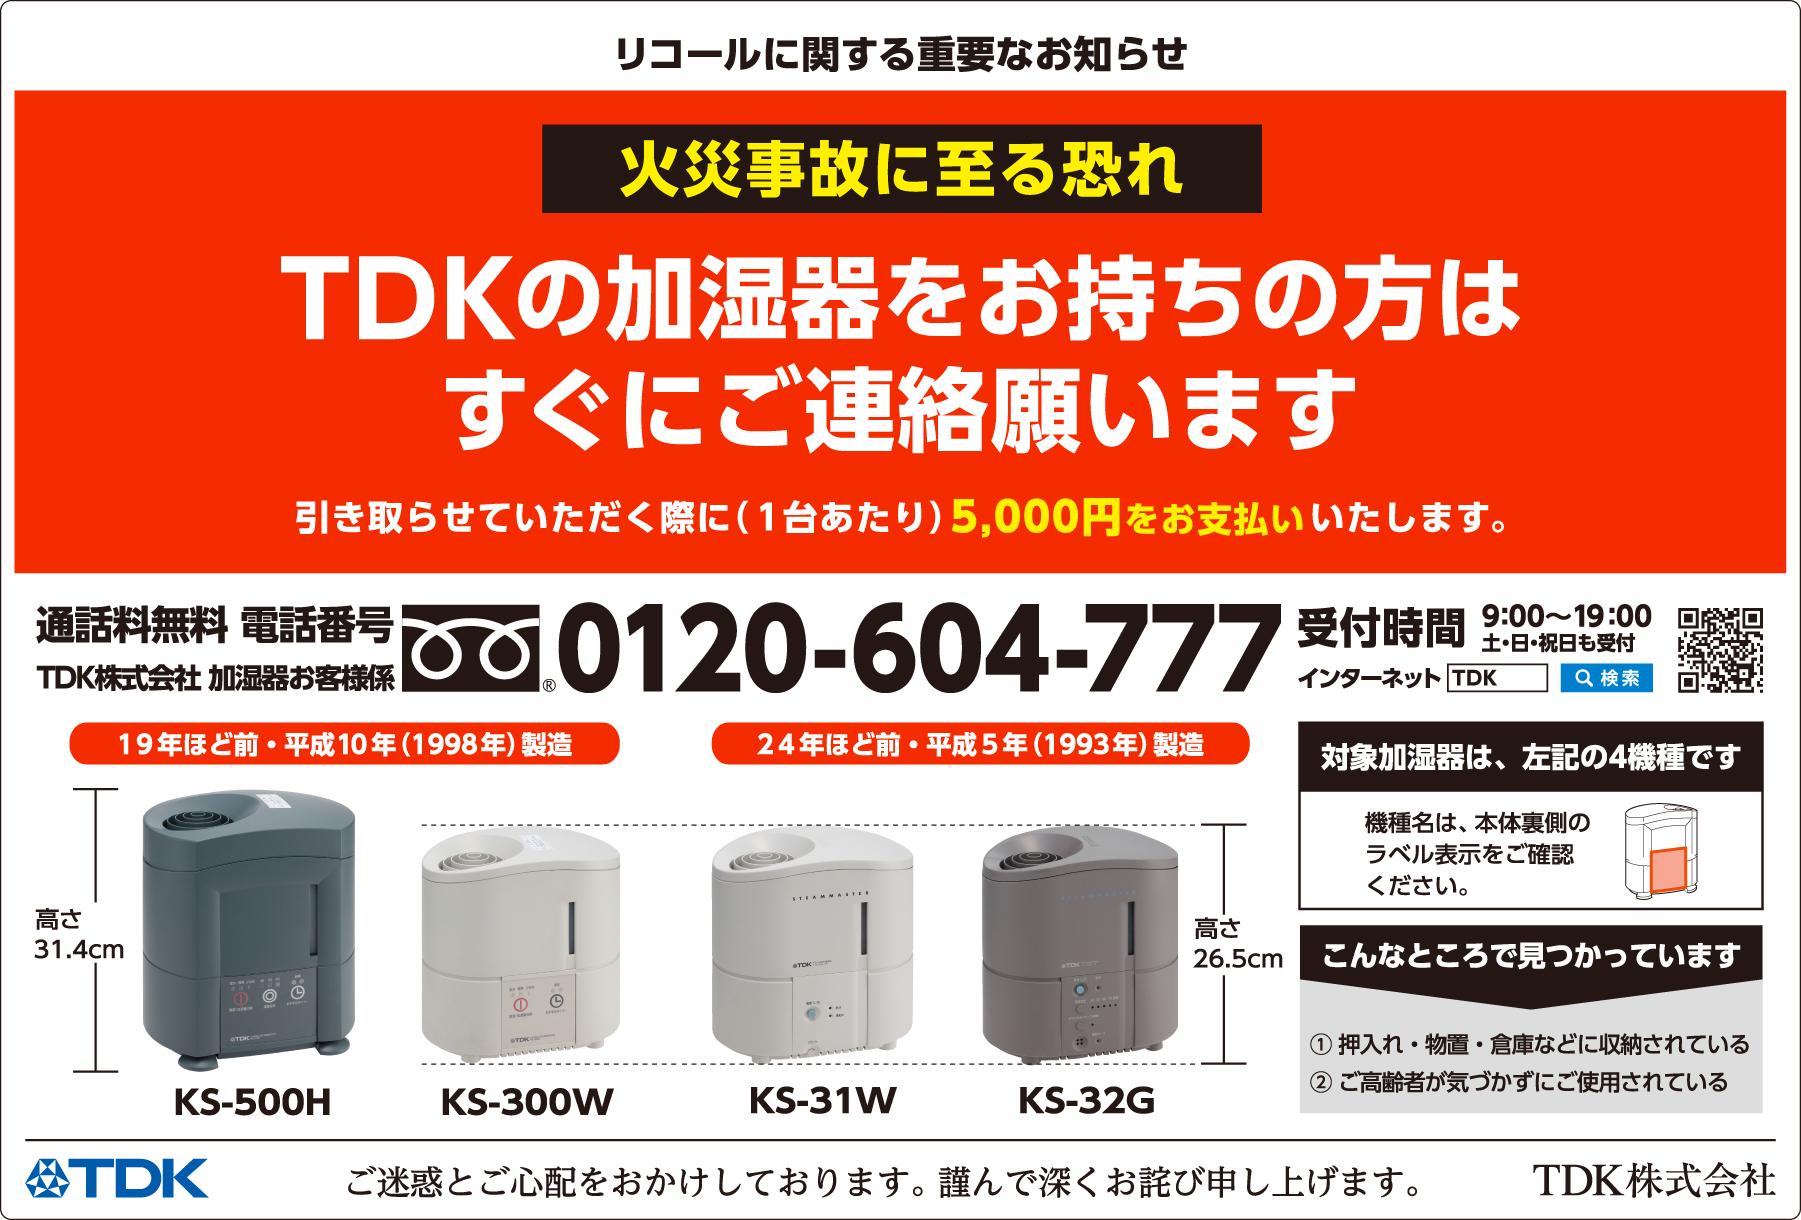 TDKの加湿器をお持ちの方はすぐにご連絡願います